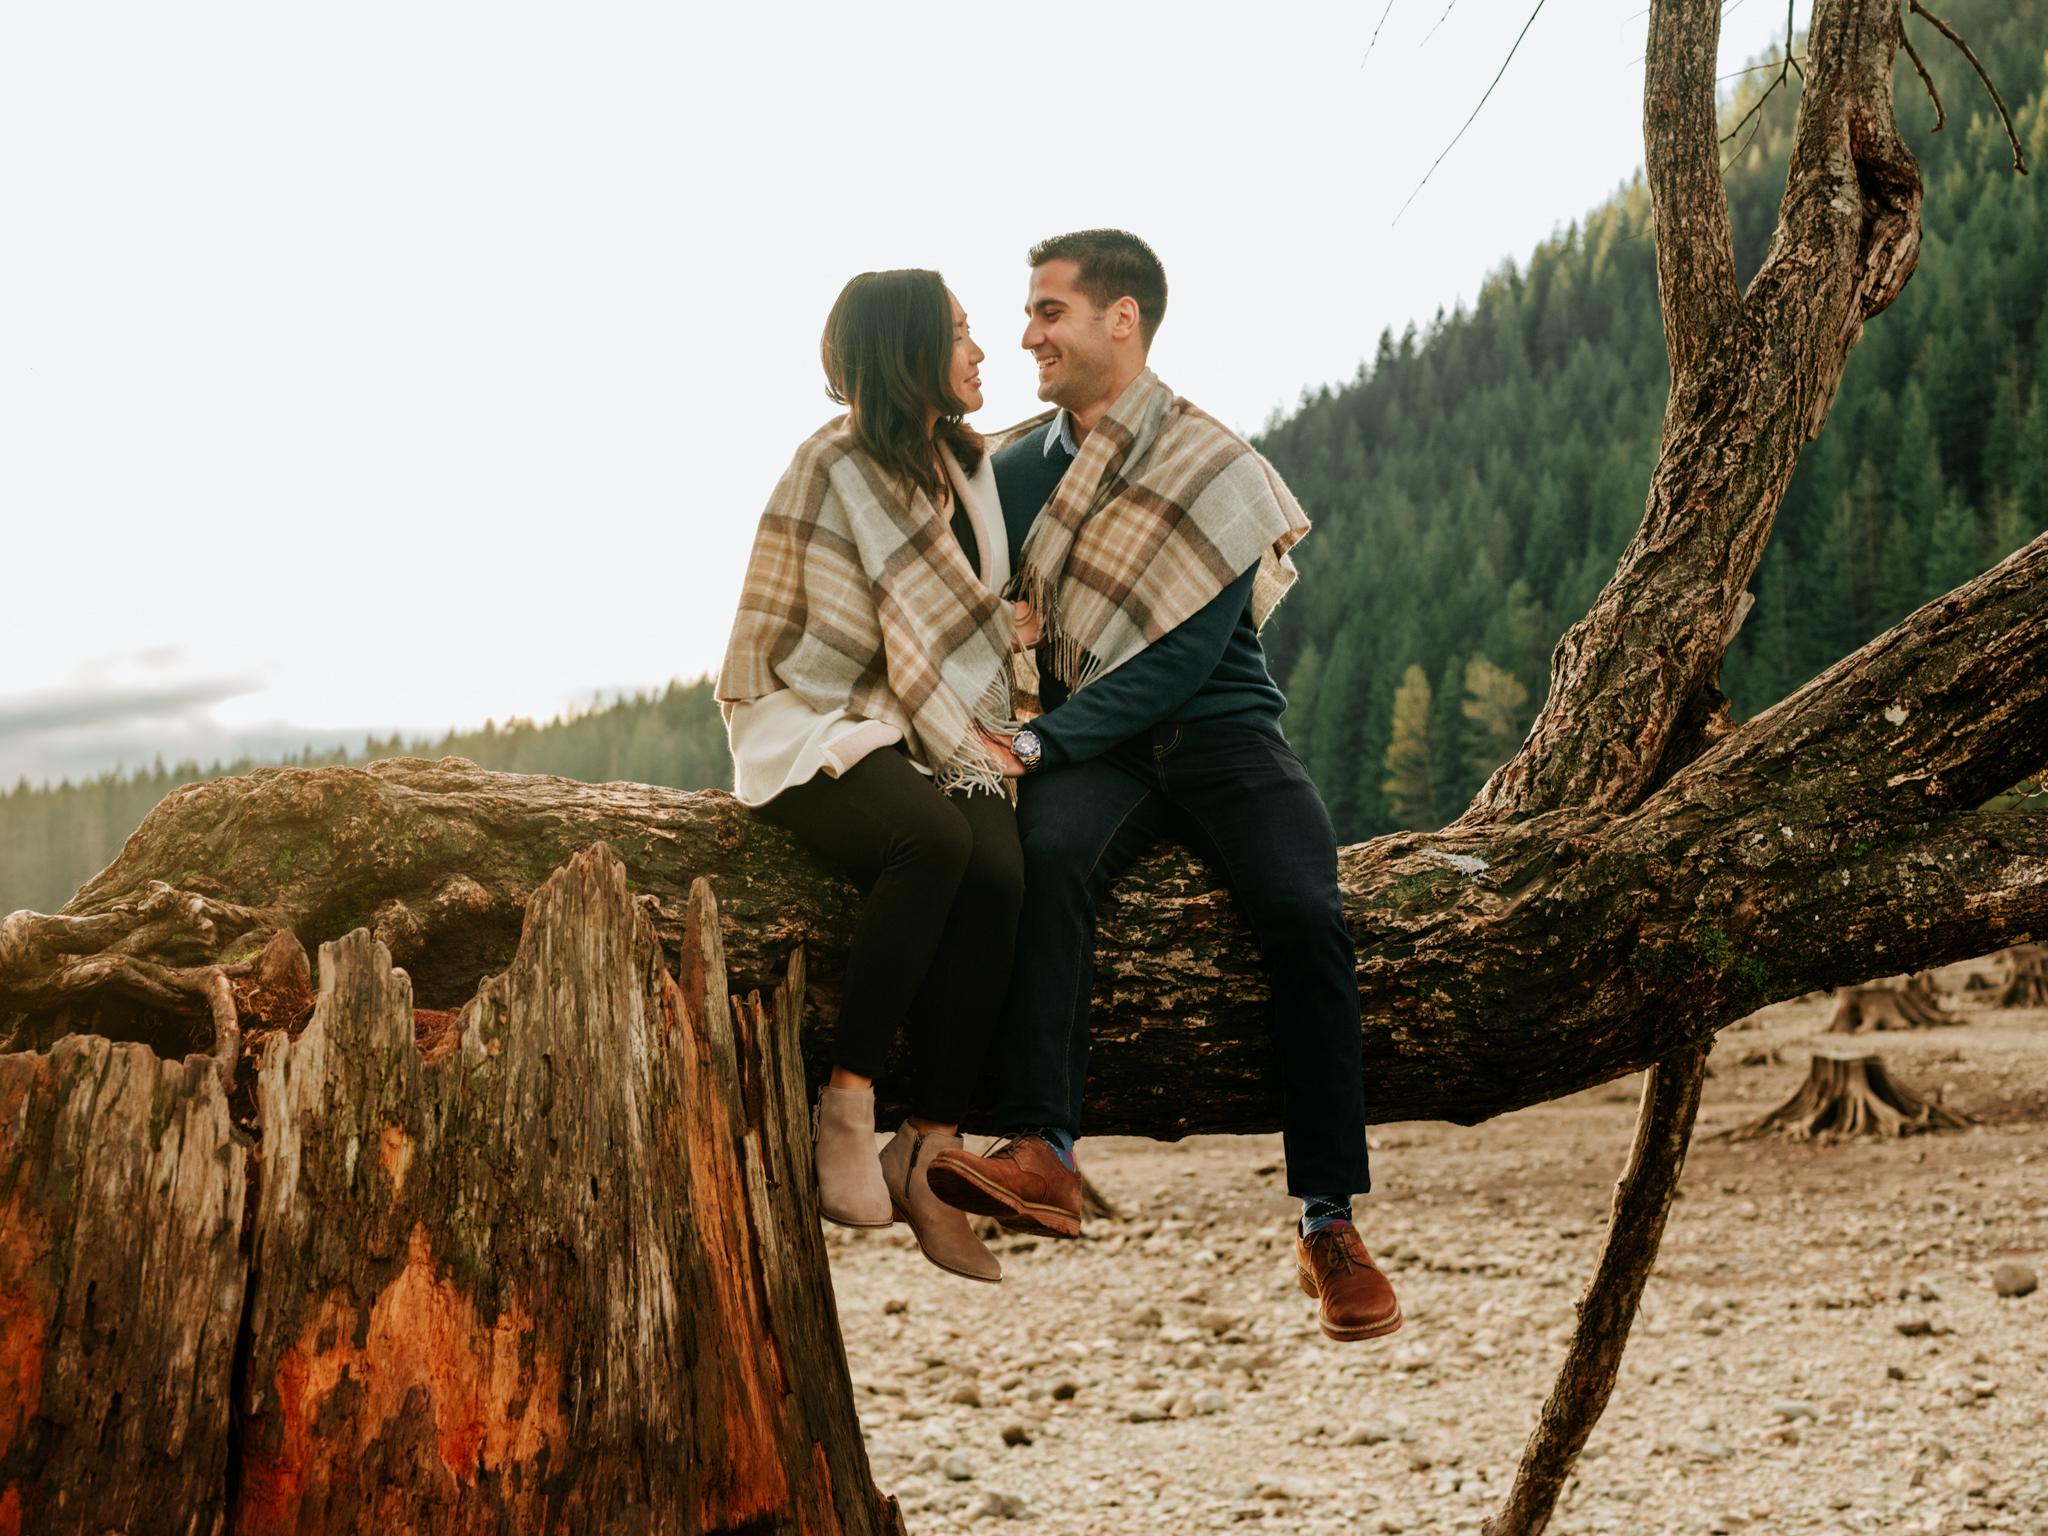 Seattle Engagement Photographer_Stolen Glimpses 26.jpg